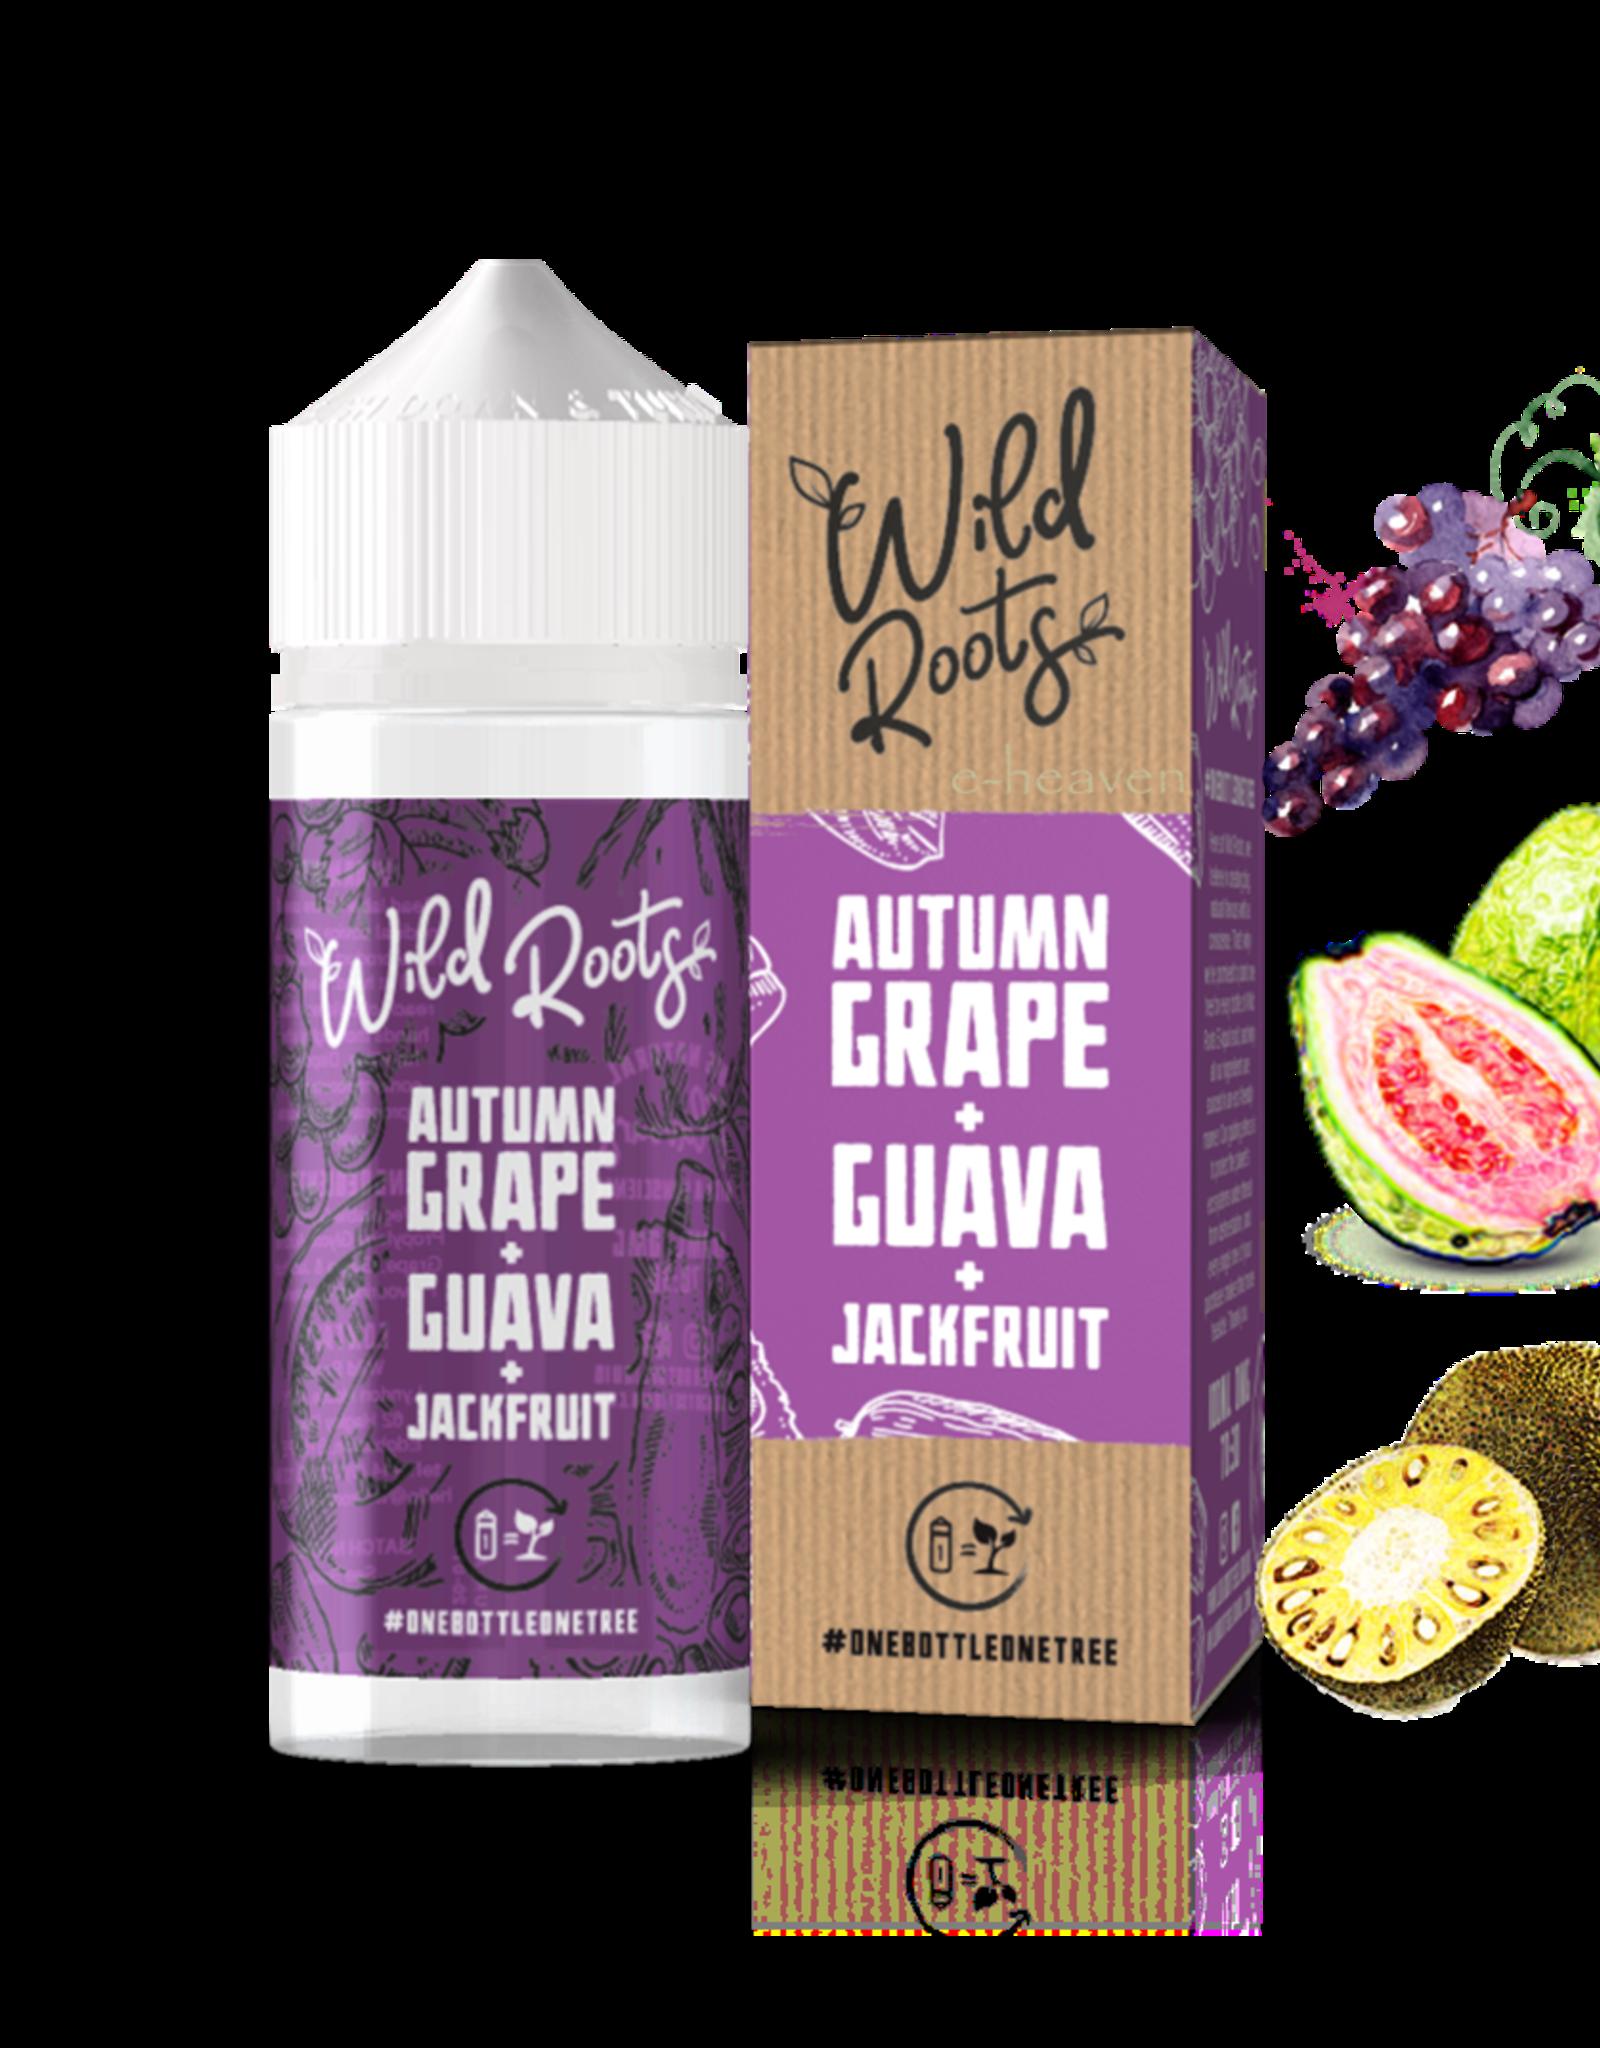 Wild Roots Wild Roots - Autumn Grape + Guava + Jackfruit 100ml